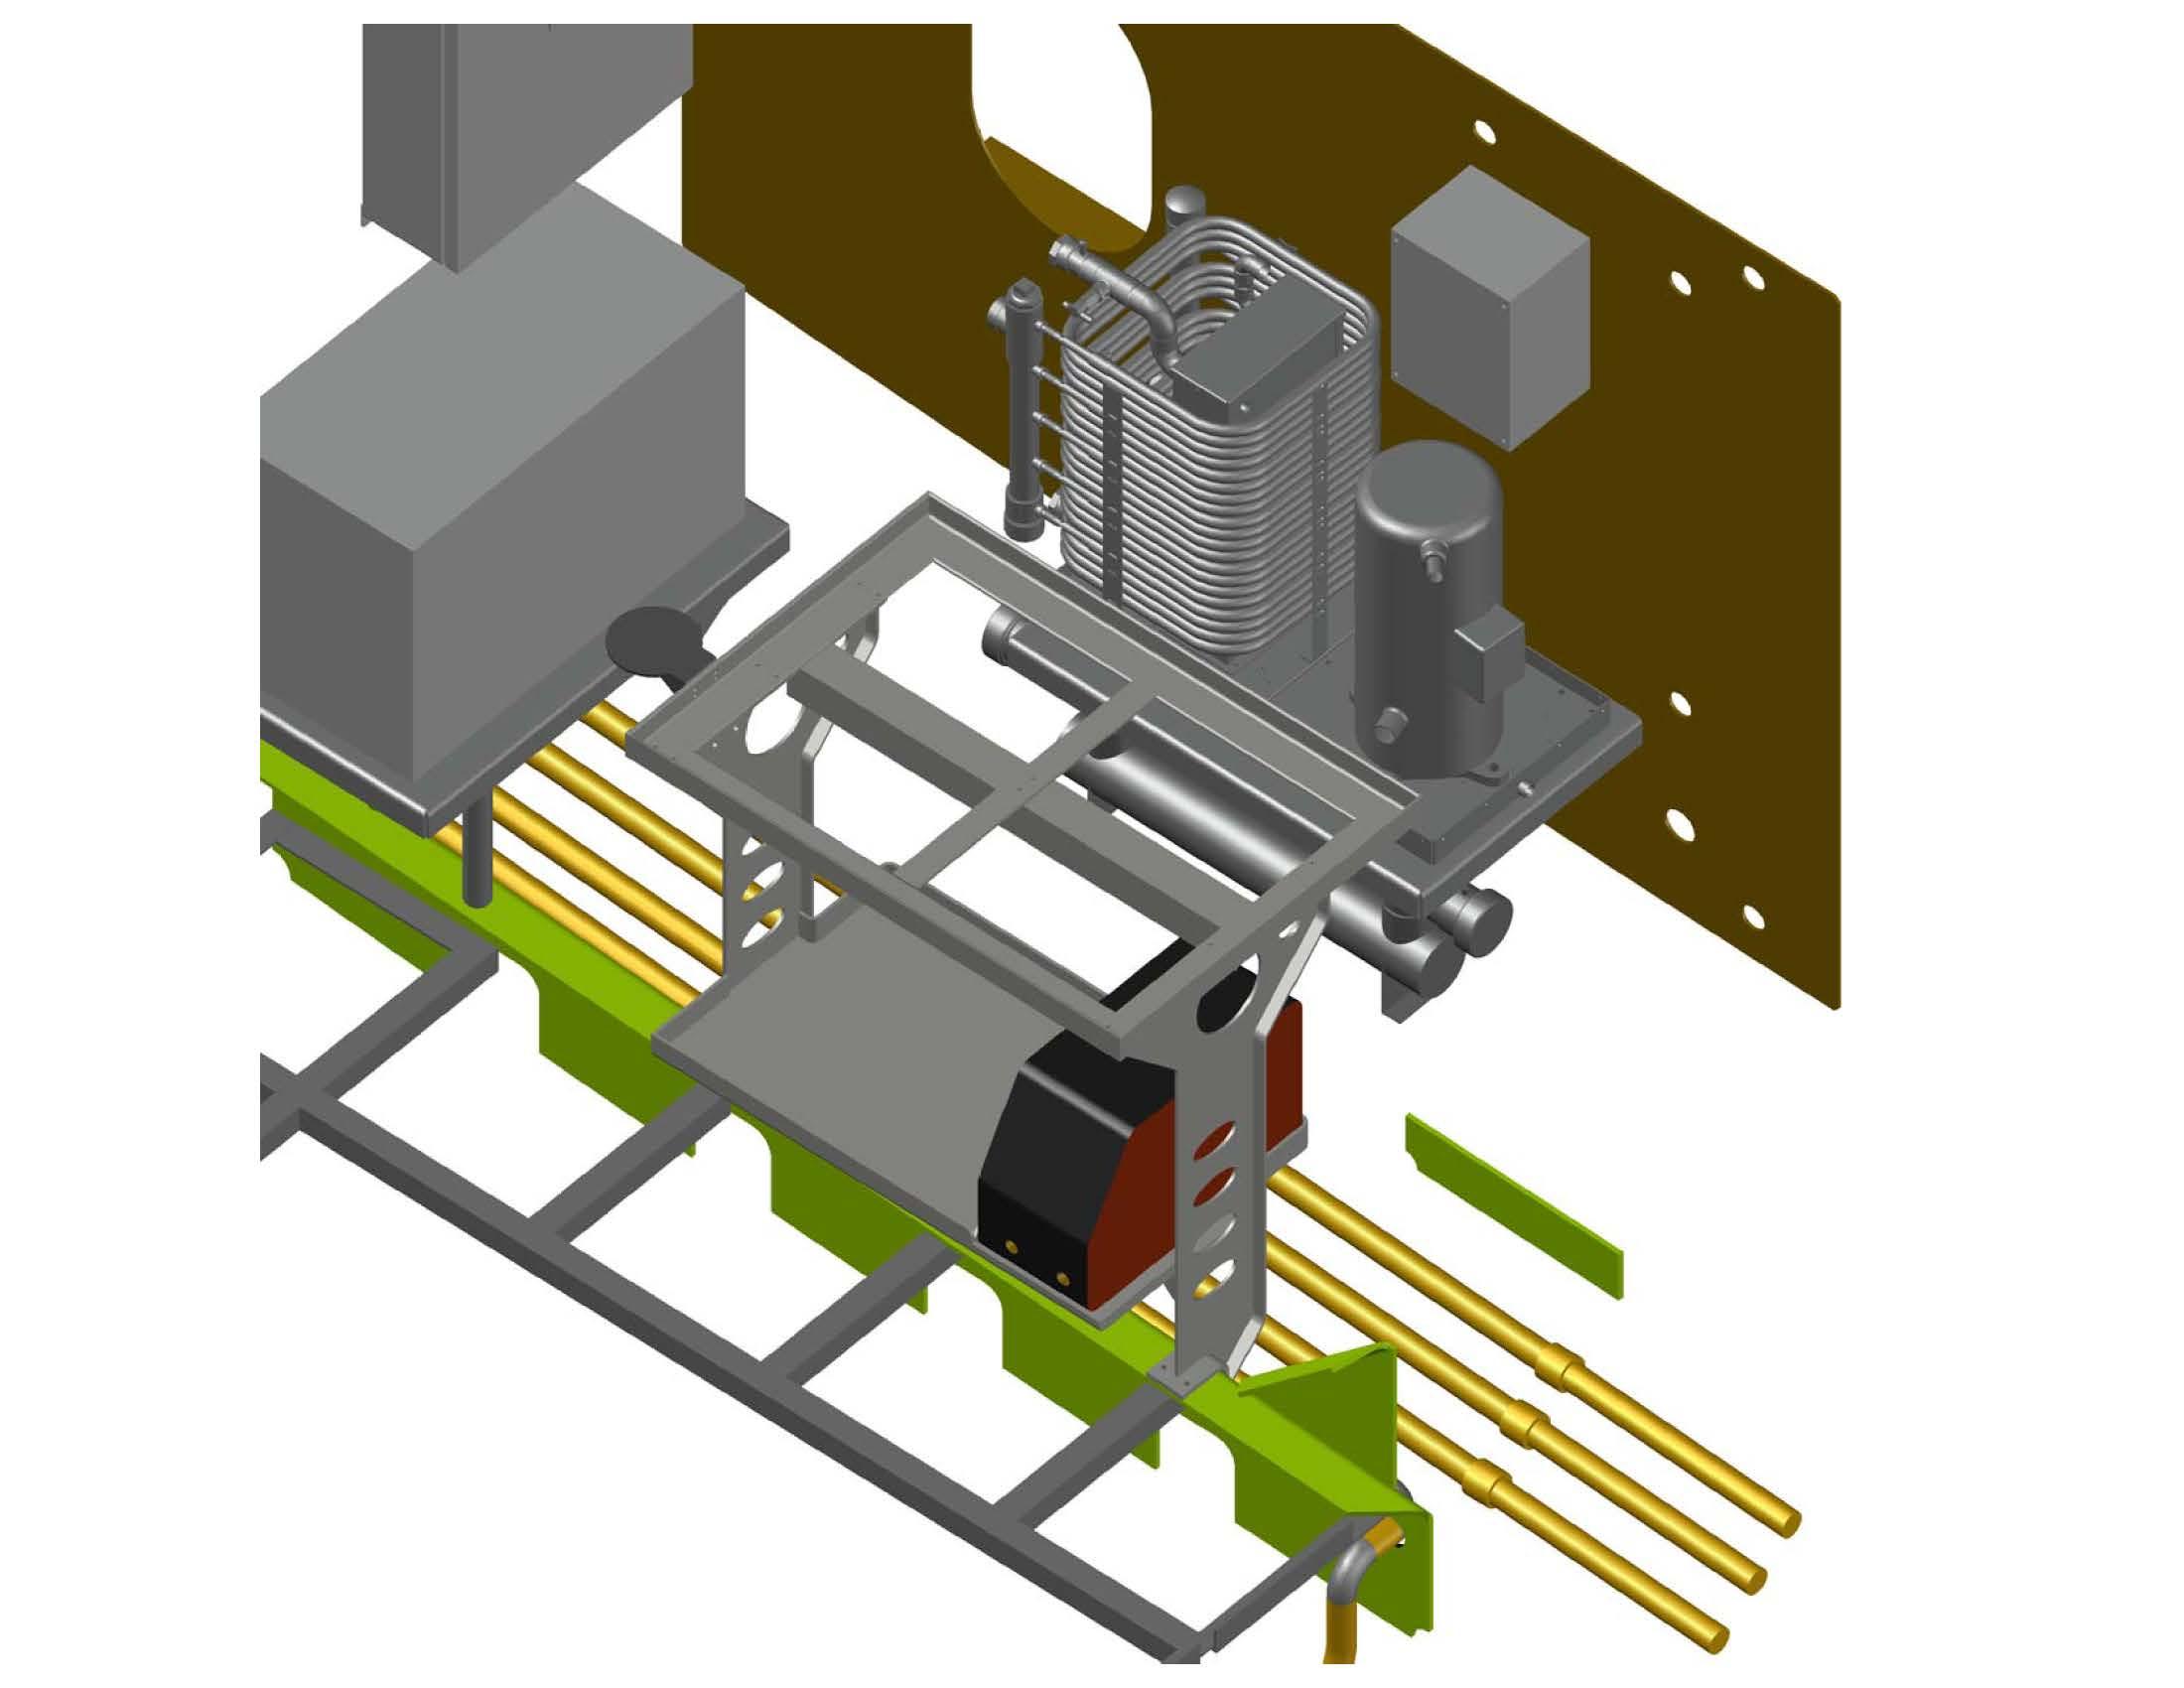 Removable Work Bench Details Model (1).j